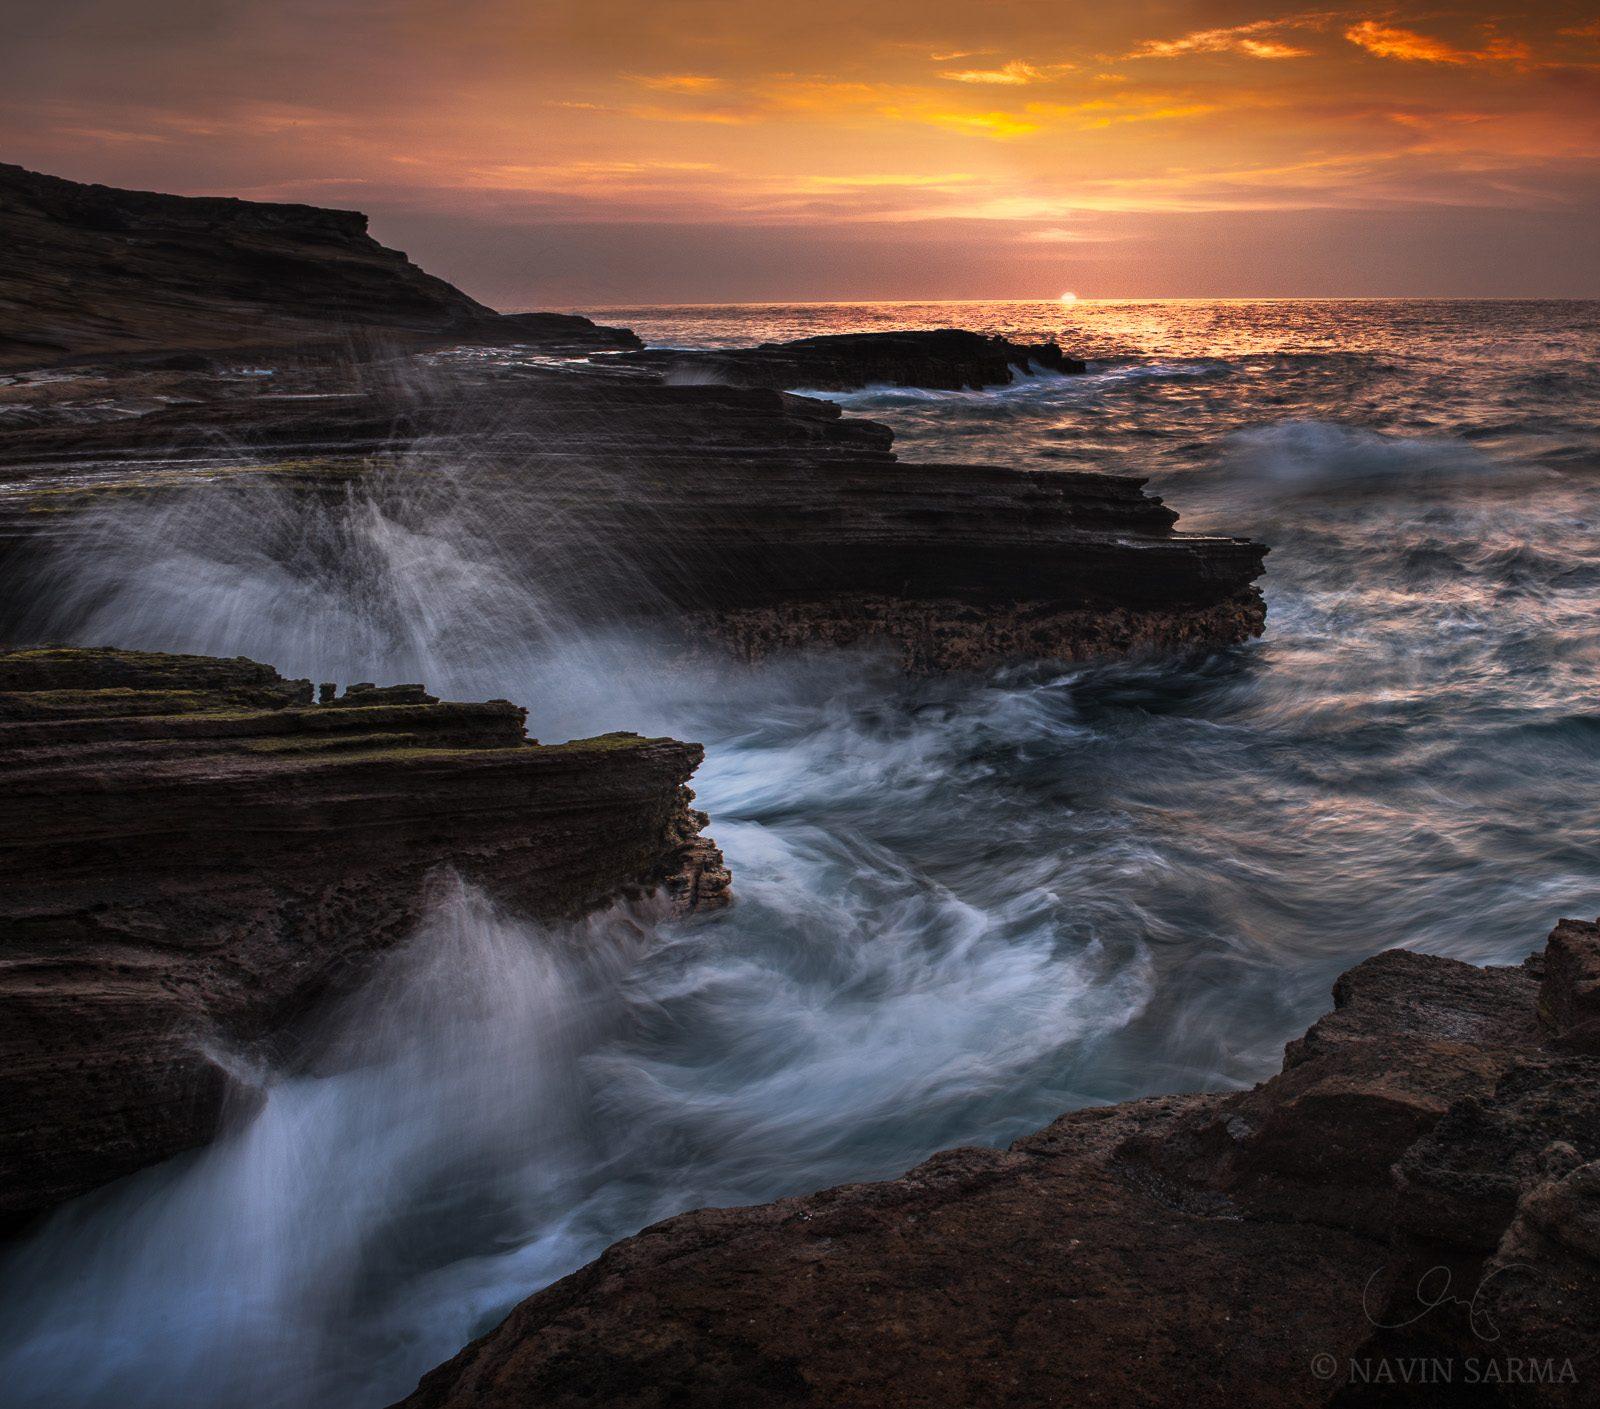 Waves crash as the sun rises at Lanai lookoutWaves crash as the sun rises at Lanai lookout